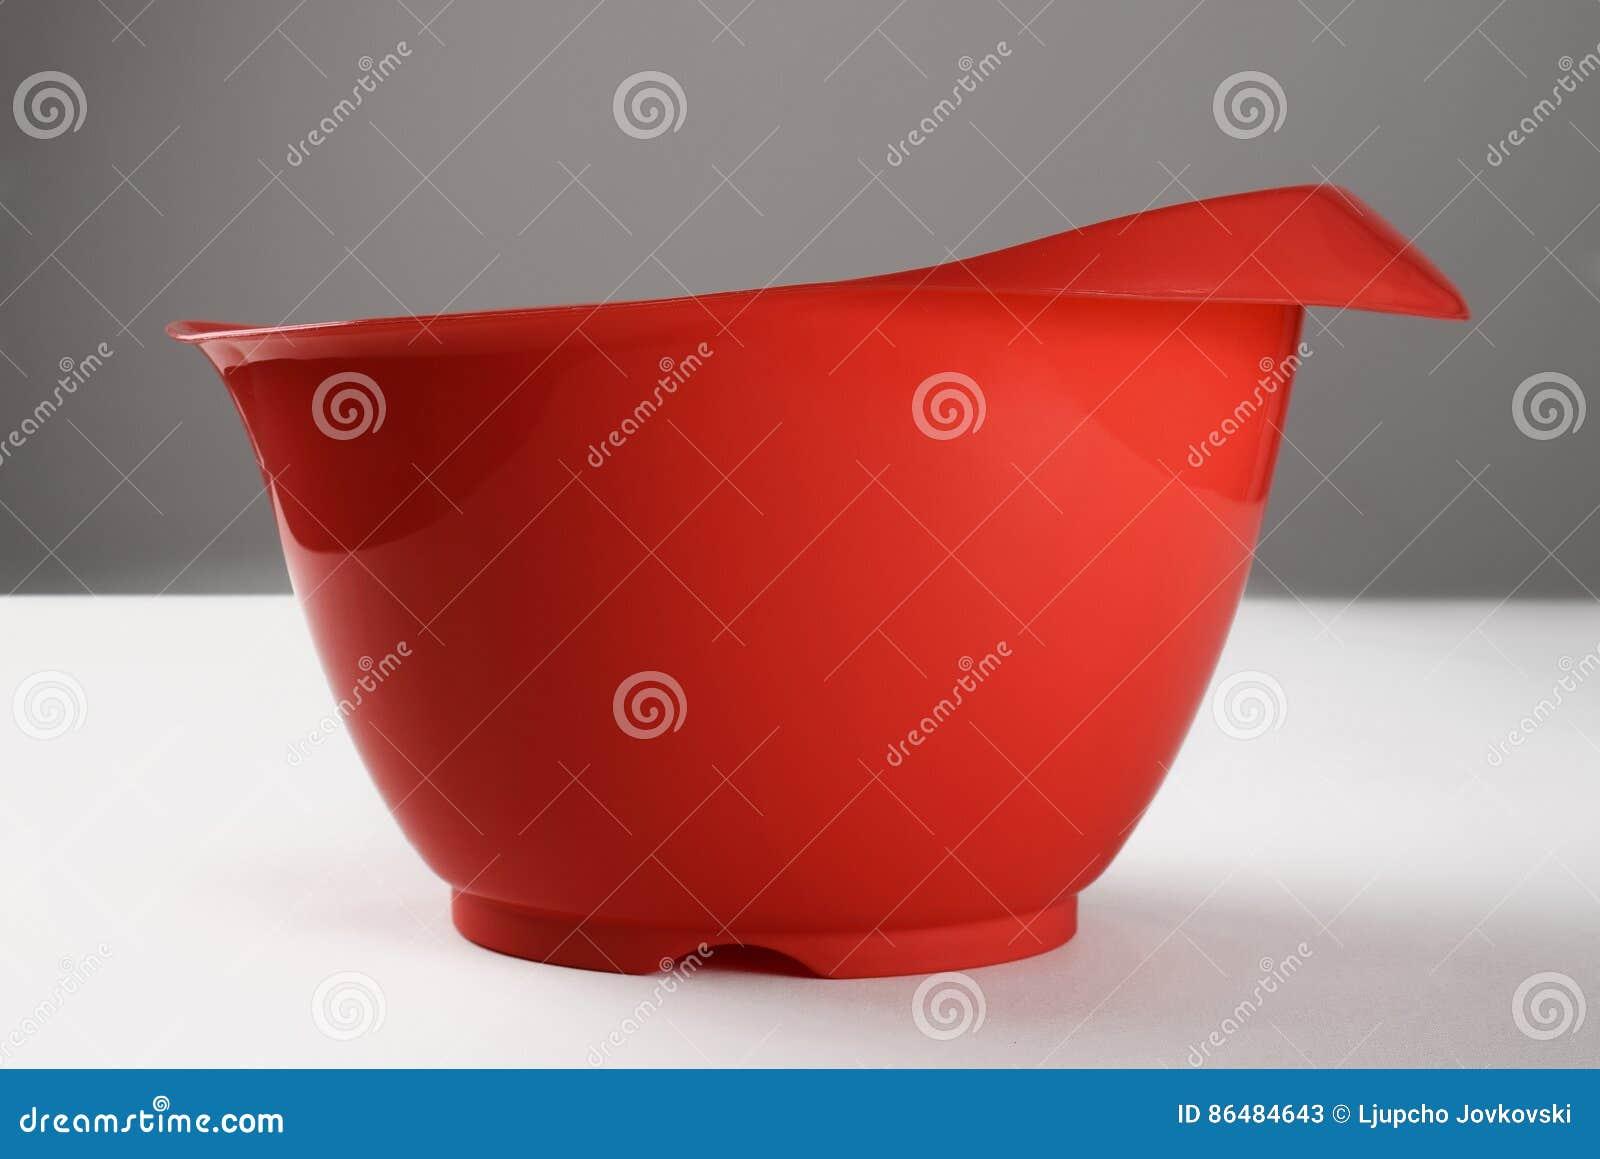 Recipiente plástico vermelho para agitar o bolo